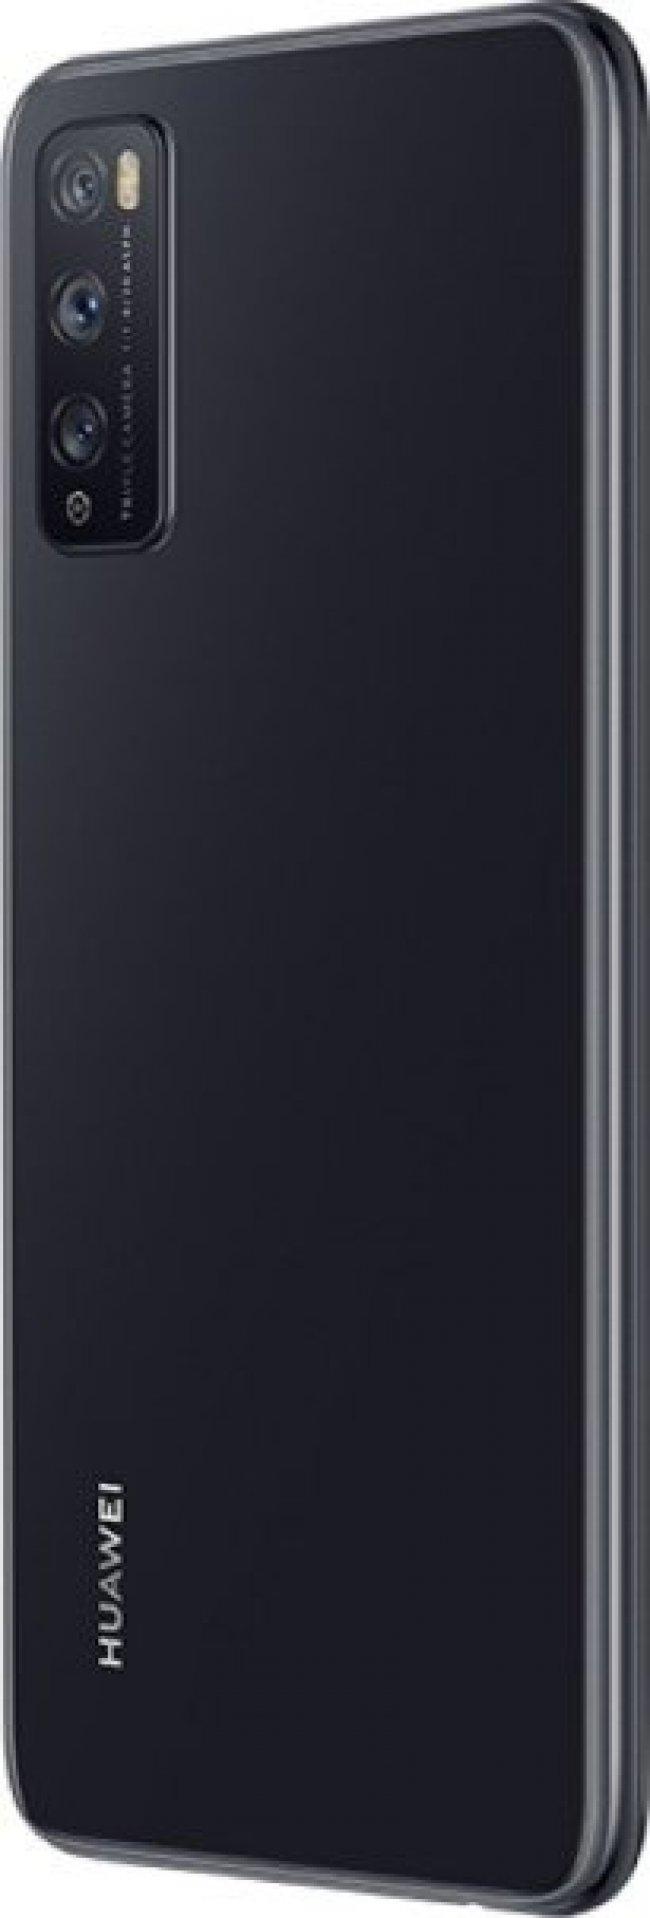 Цена на Huawei Enjoy Z Dual